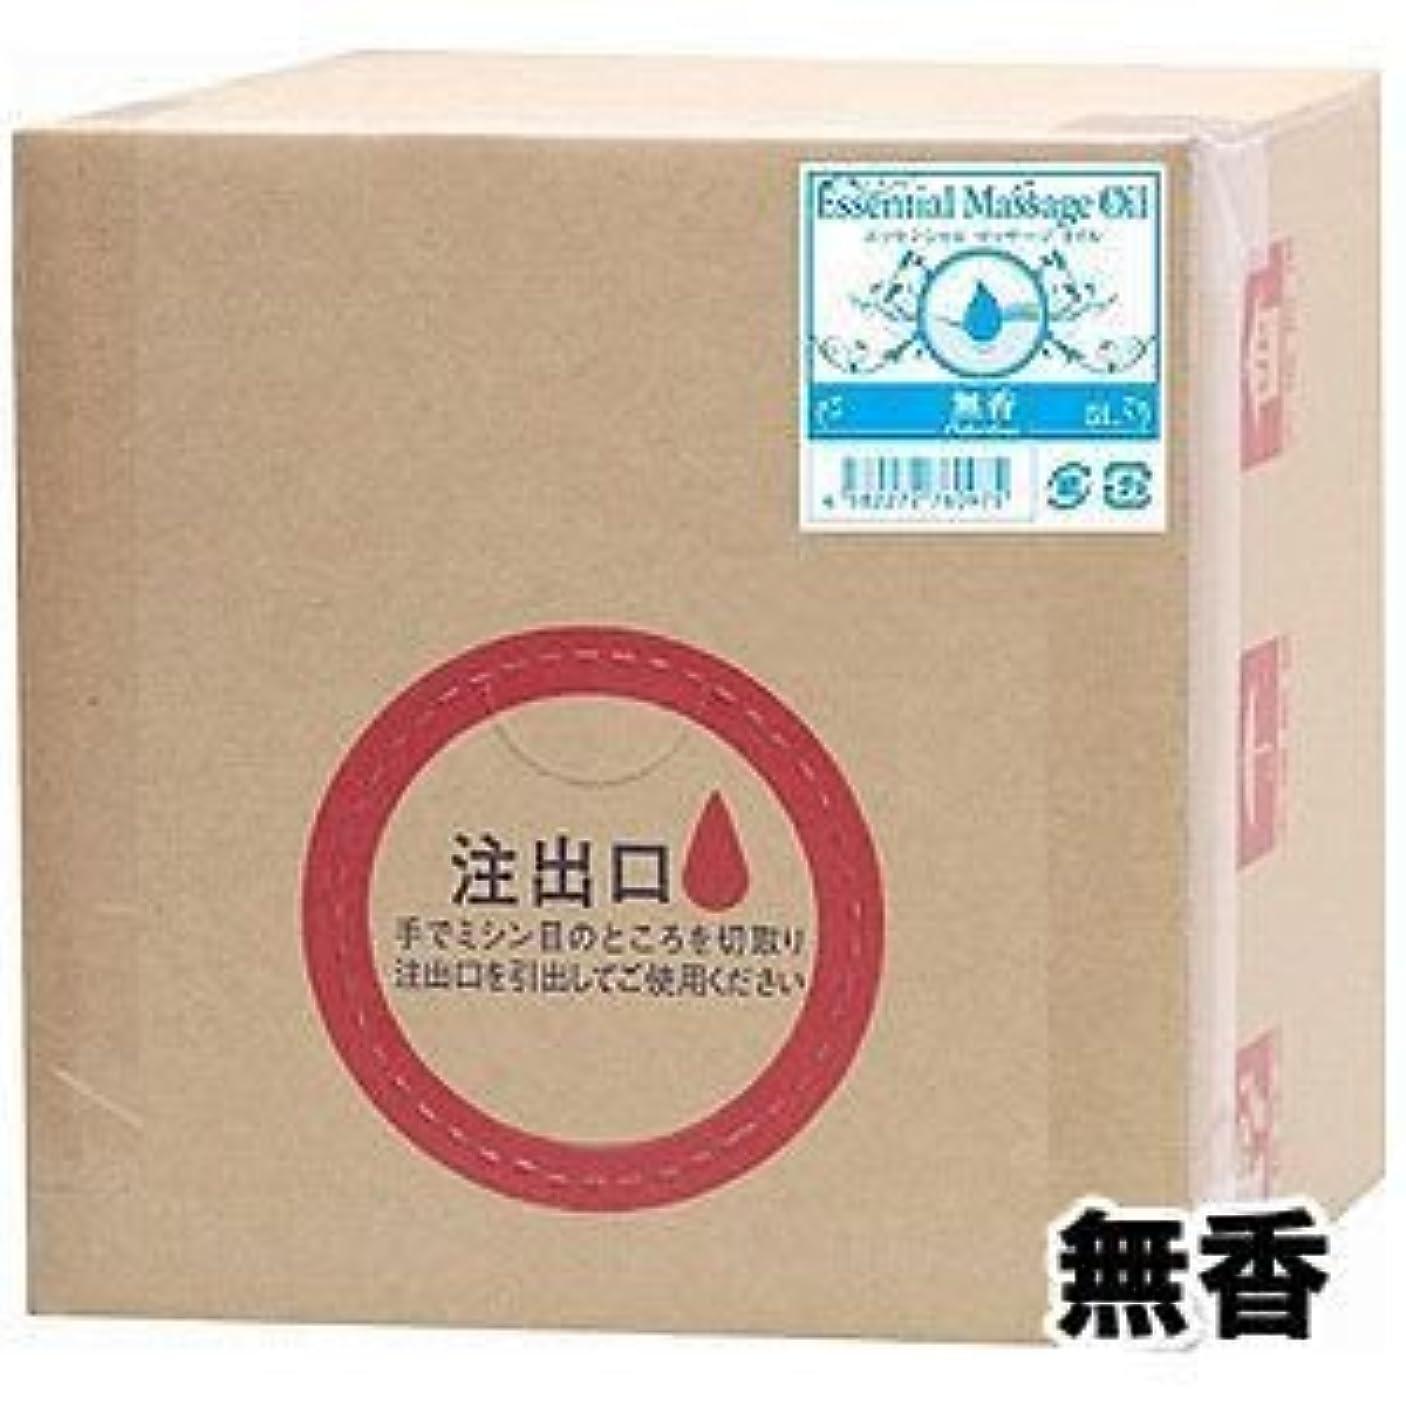 レガシー画面試用エッセンシャルマッサージオイル(5L) (ローズマリー[910]) - <容量は多めの5リットル!>